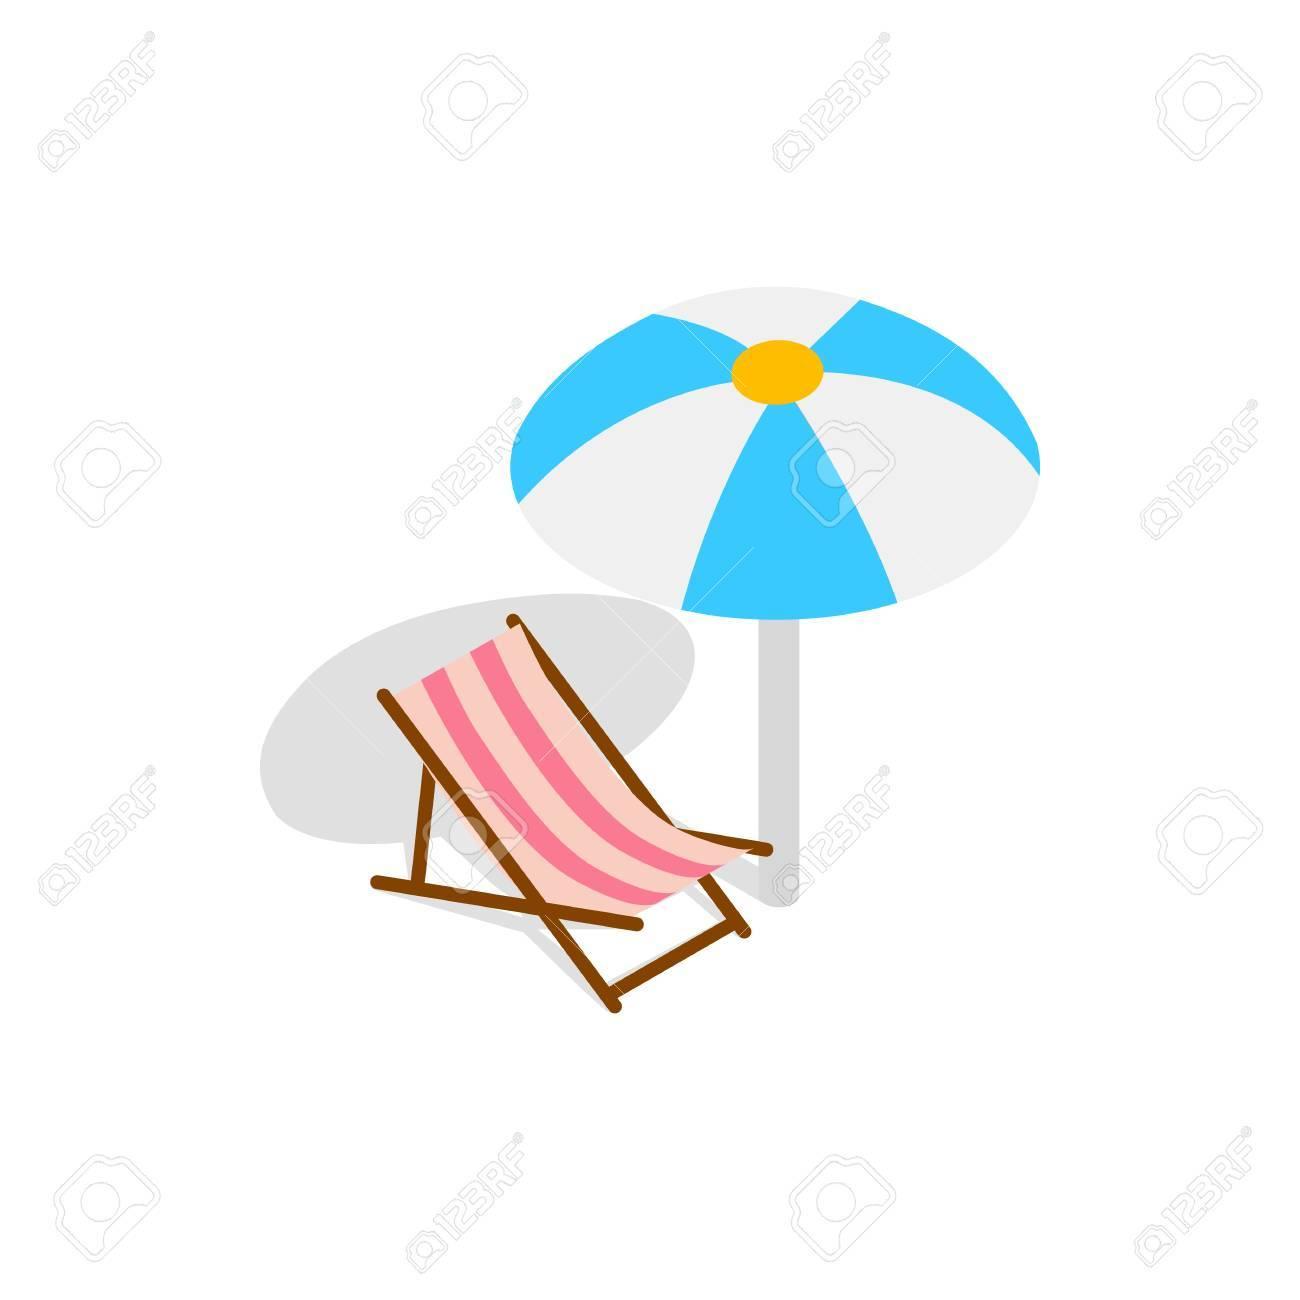 Fond Sur Dans Un Le Blanc Parasol Icône Longue 3d Avec Plage Chaise Isométrique Style 0mNv8nwO